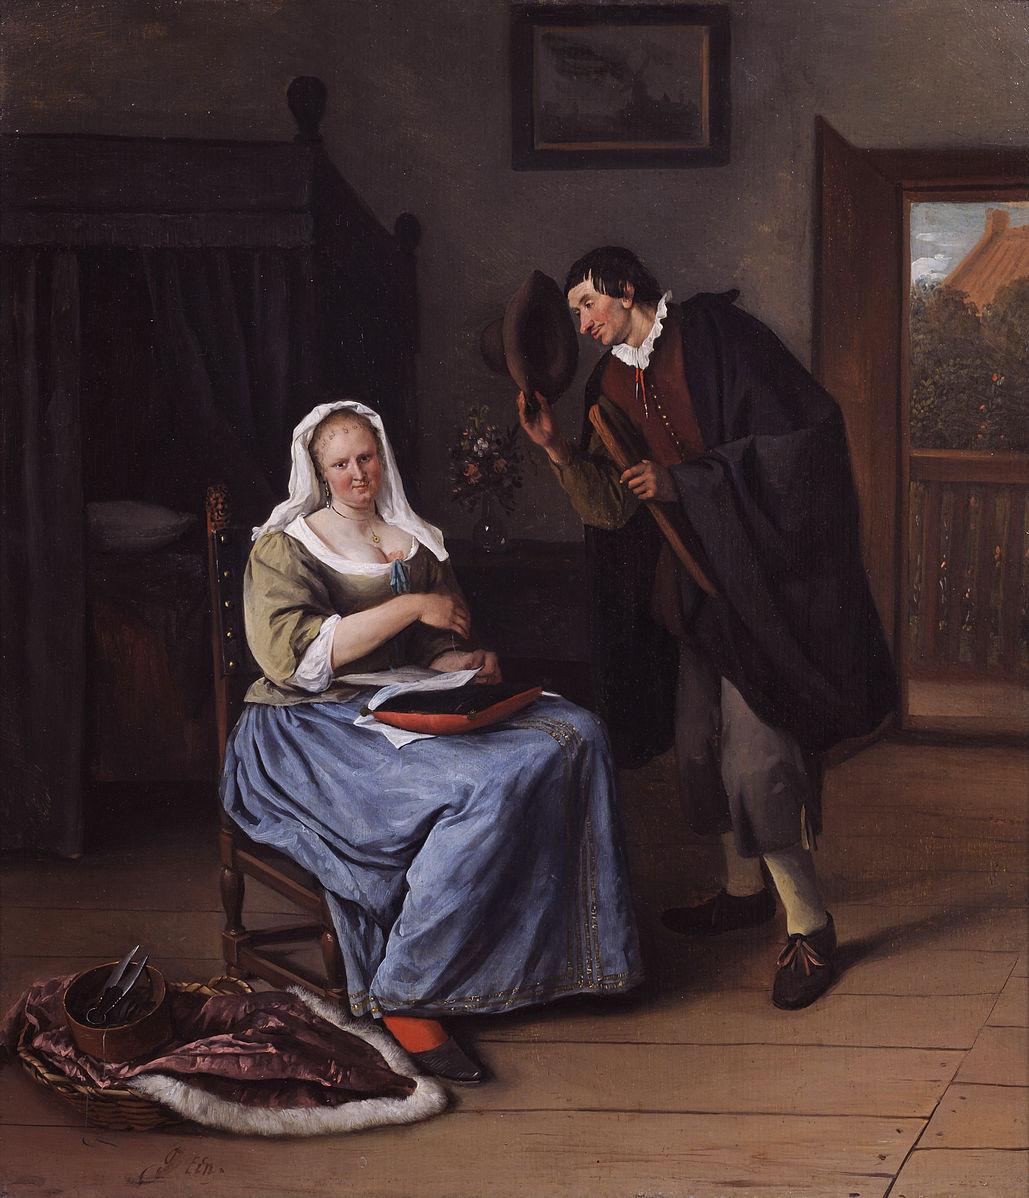 Steen 1663-65 L'amoureux offrent une oublie Museum De Lakenhal)